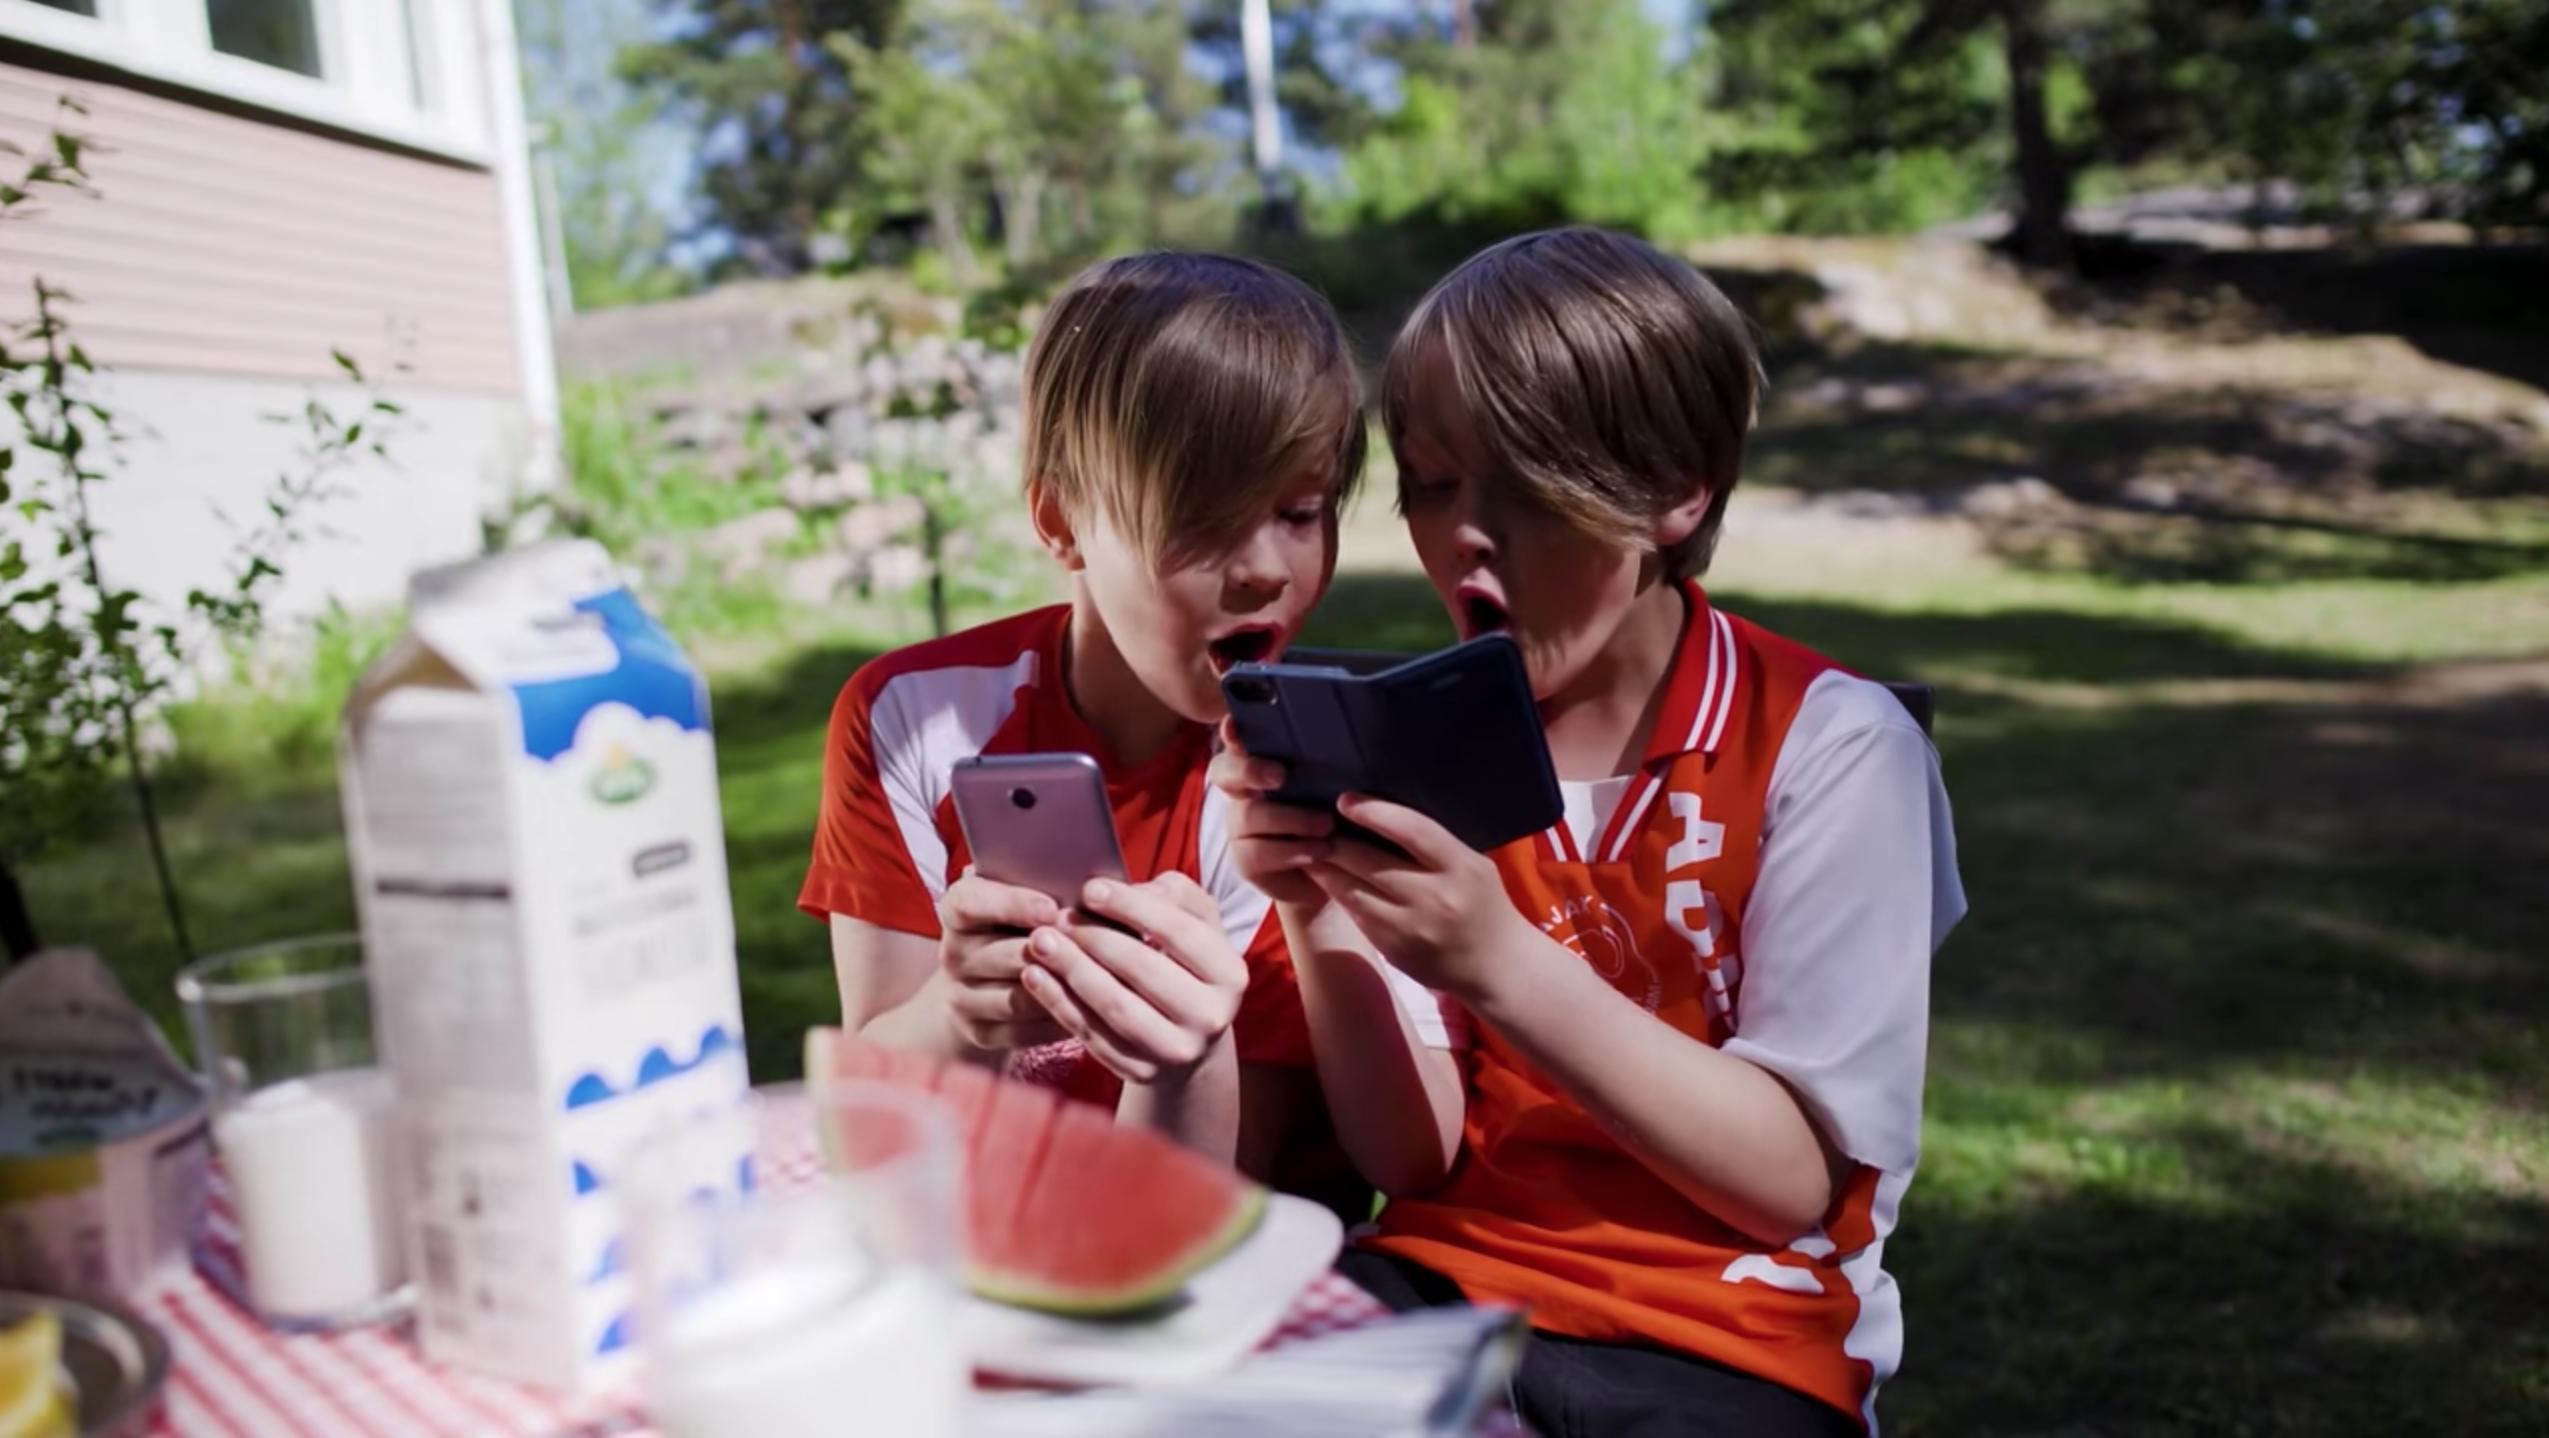 Football in a milk carton